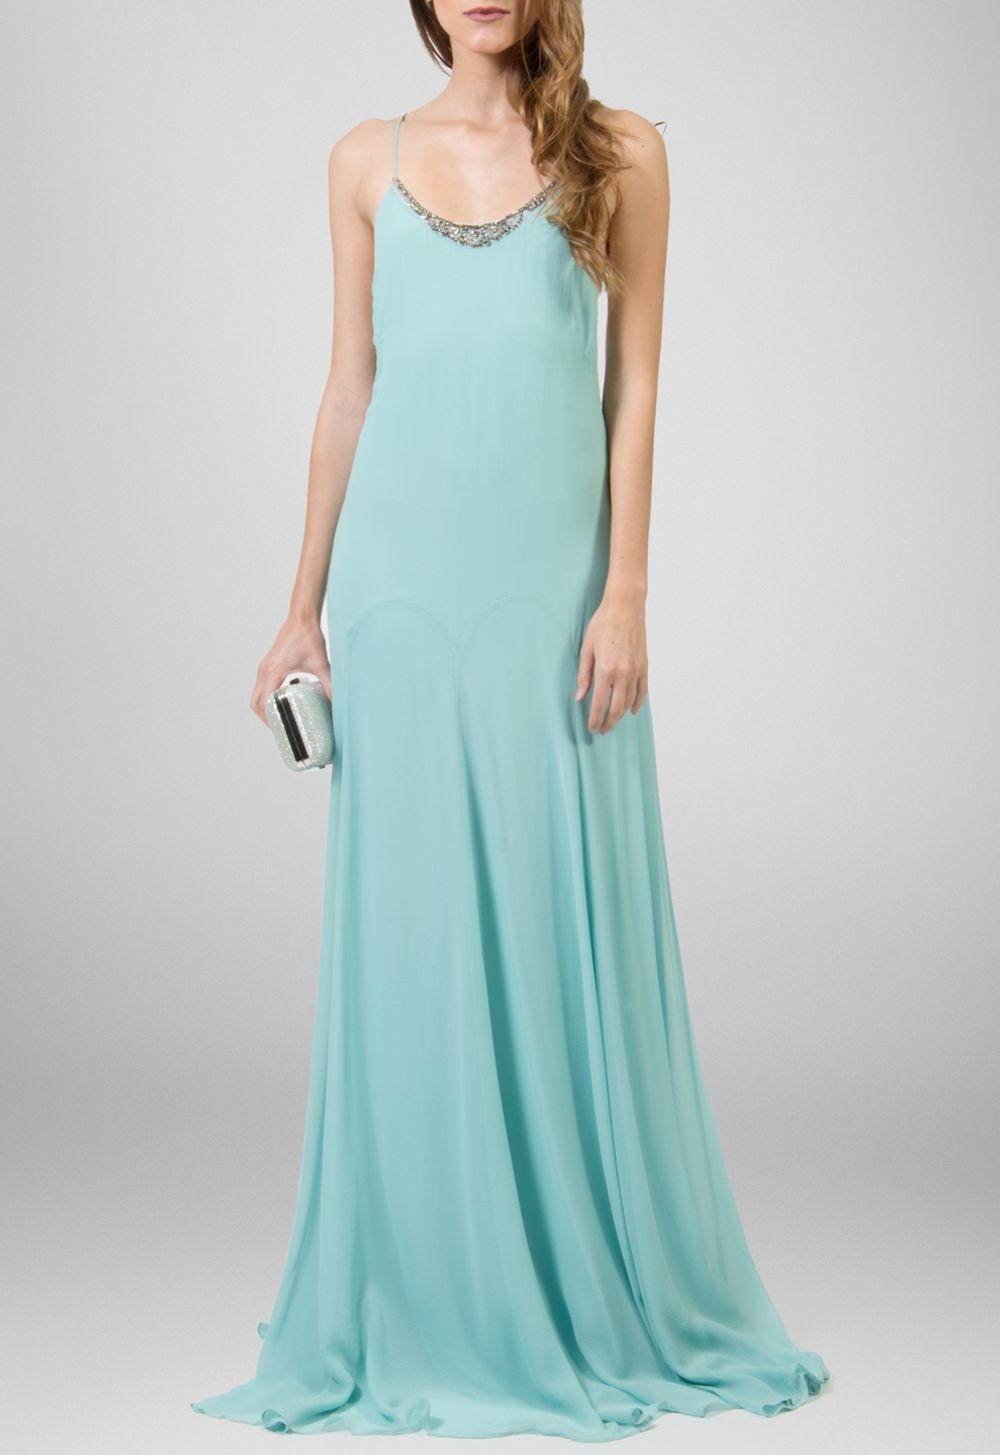 750cba618 vestido-alexa-longo-de-seda-animale- ...